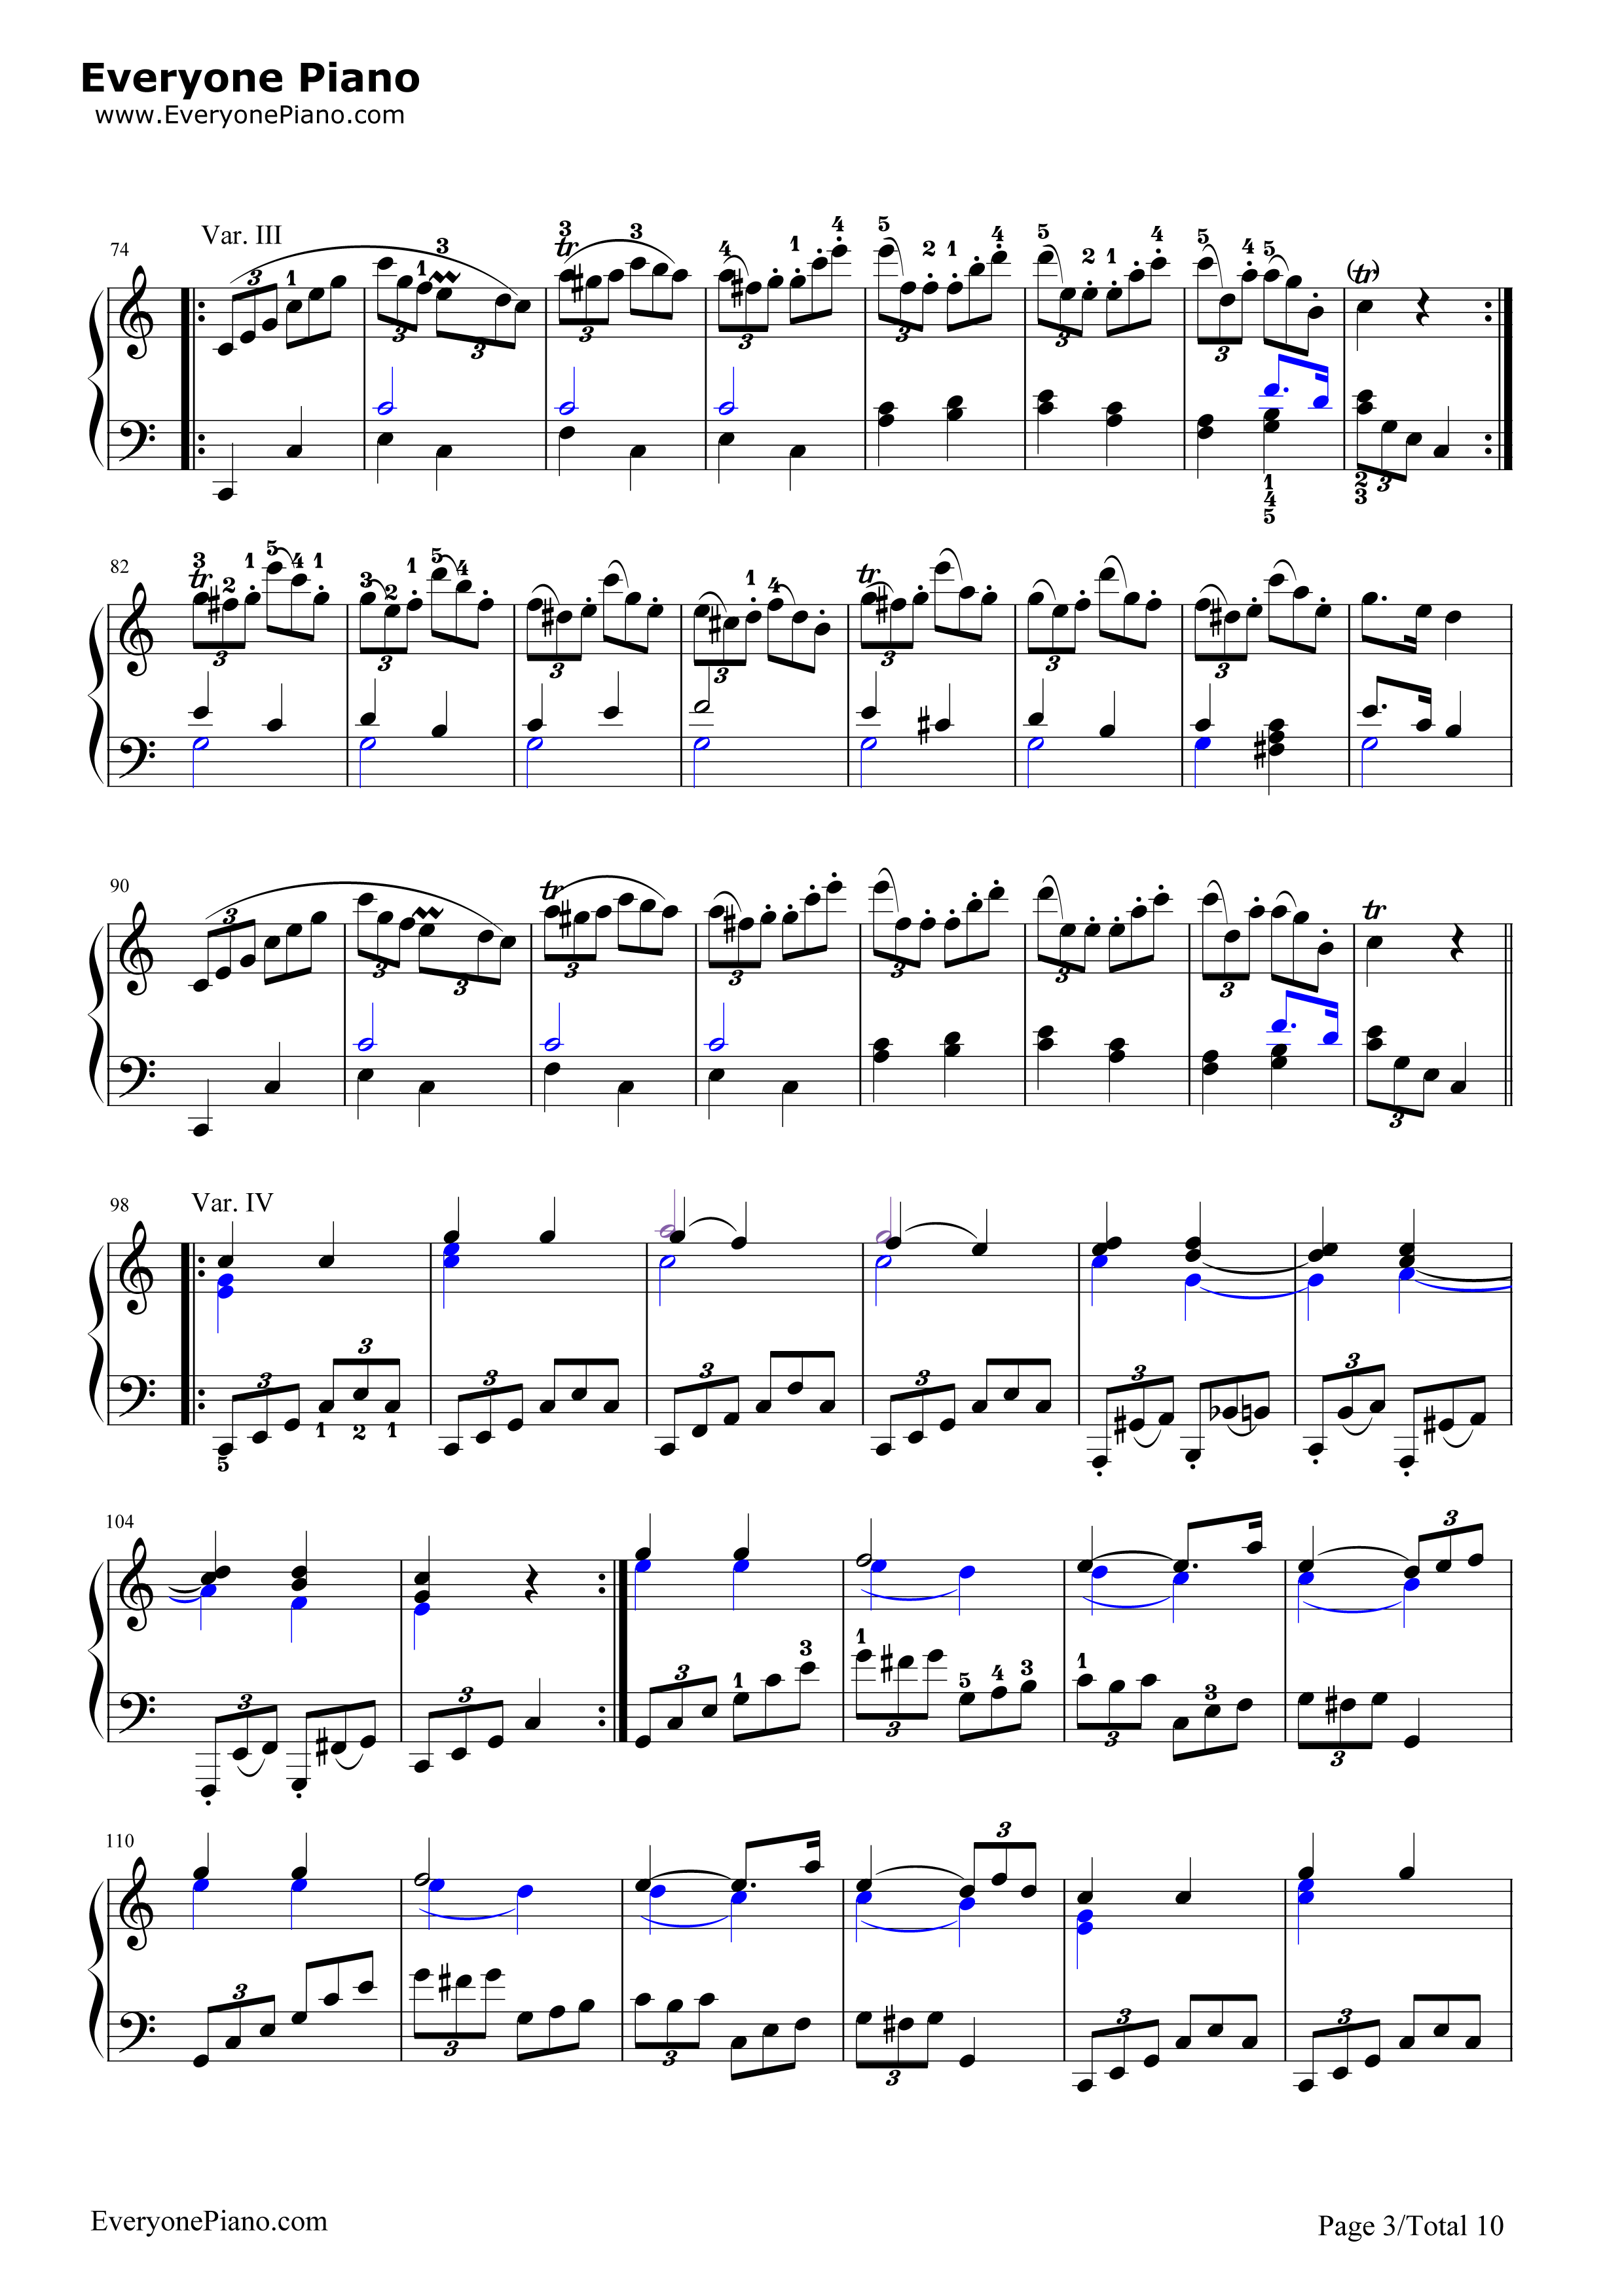 钢琴曲谱 练习曲 小星星变奏曲-莫扎特 小星星变奏曲-莫扎特五线谱